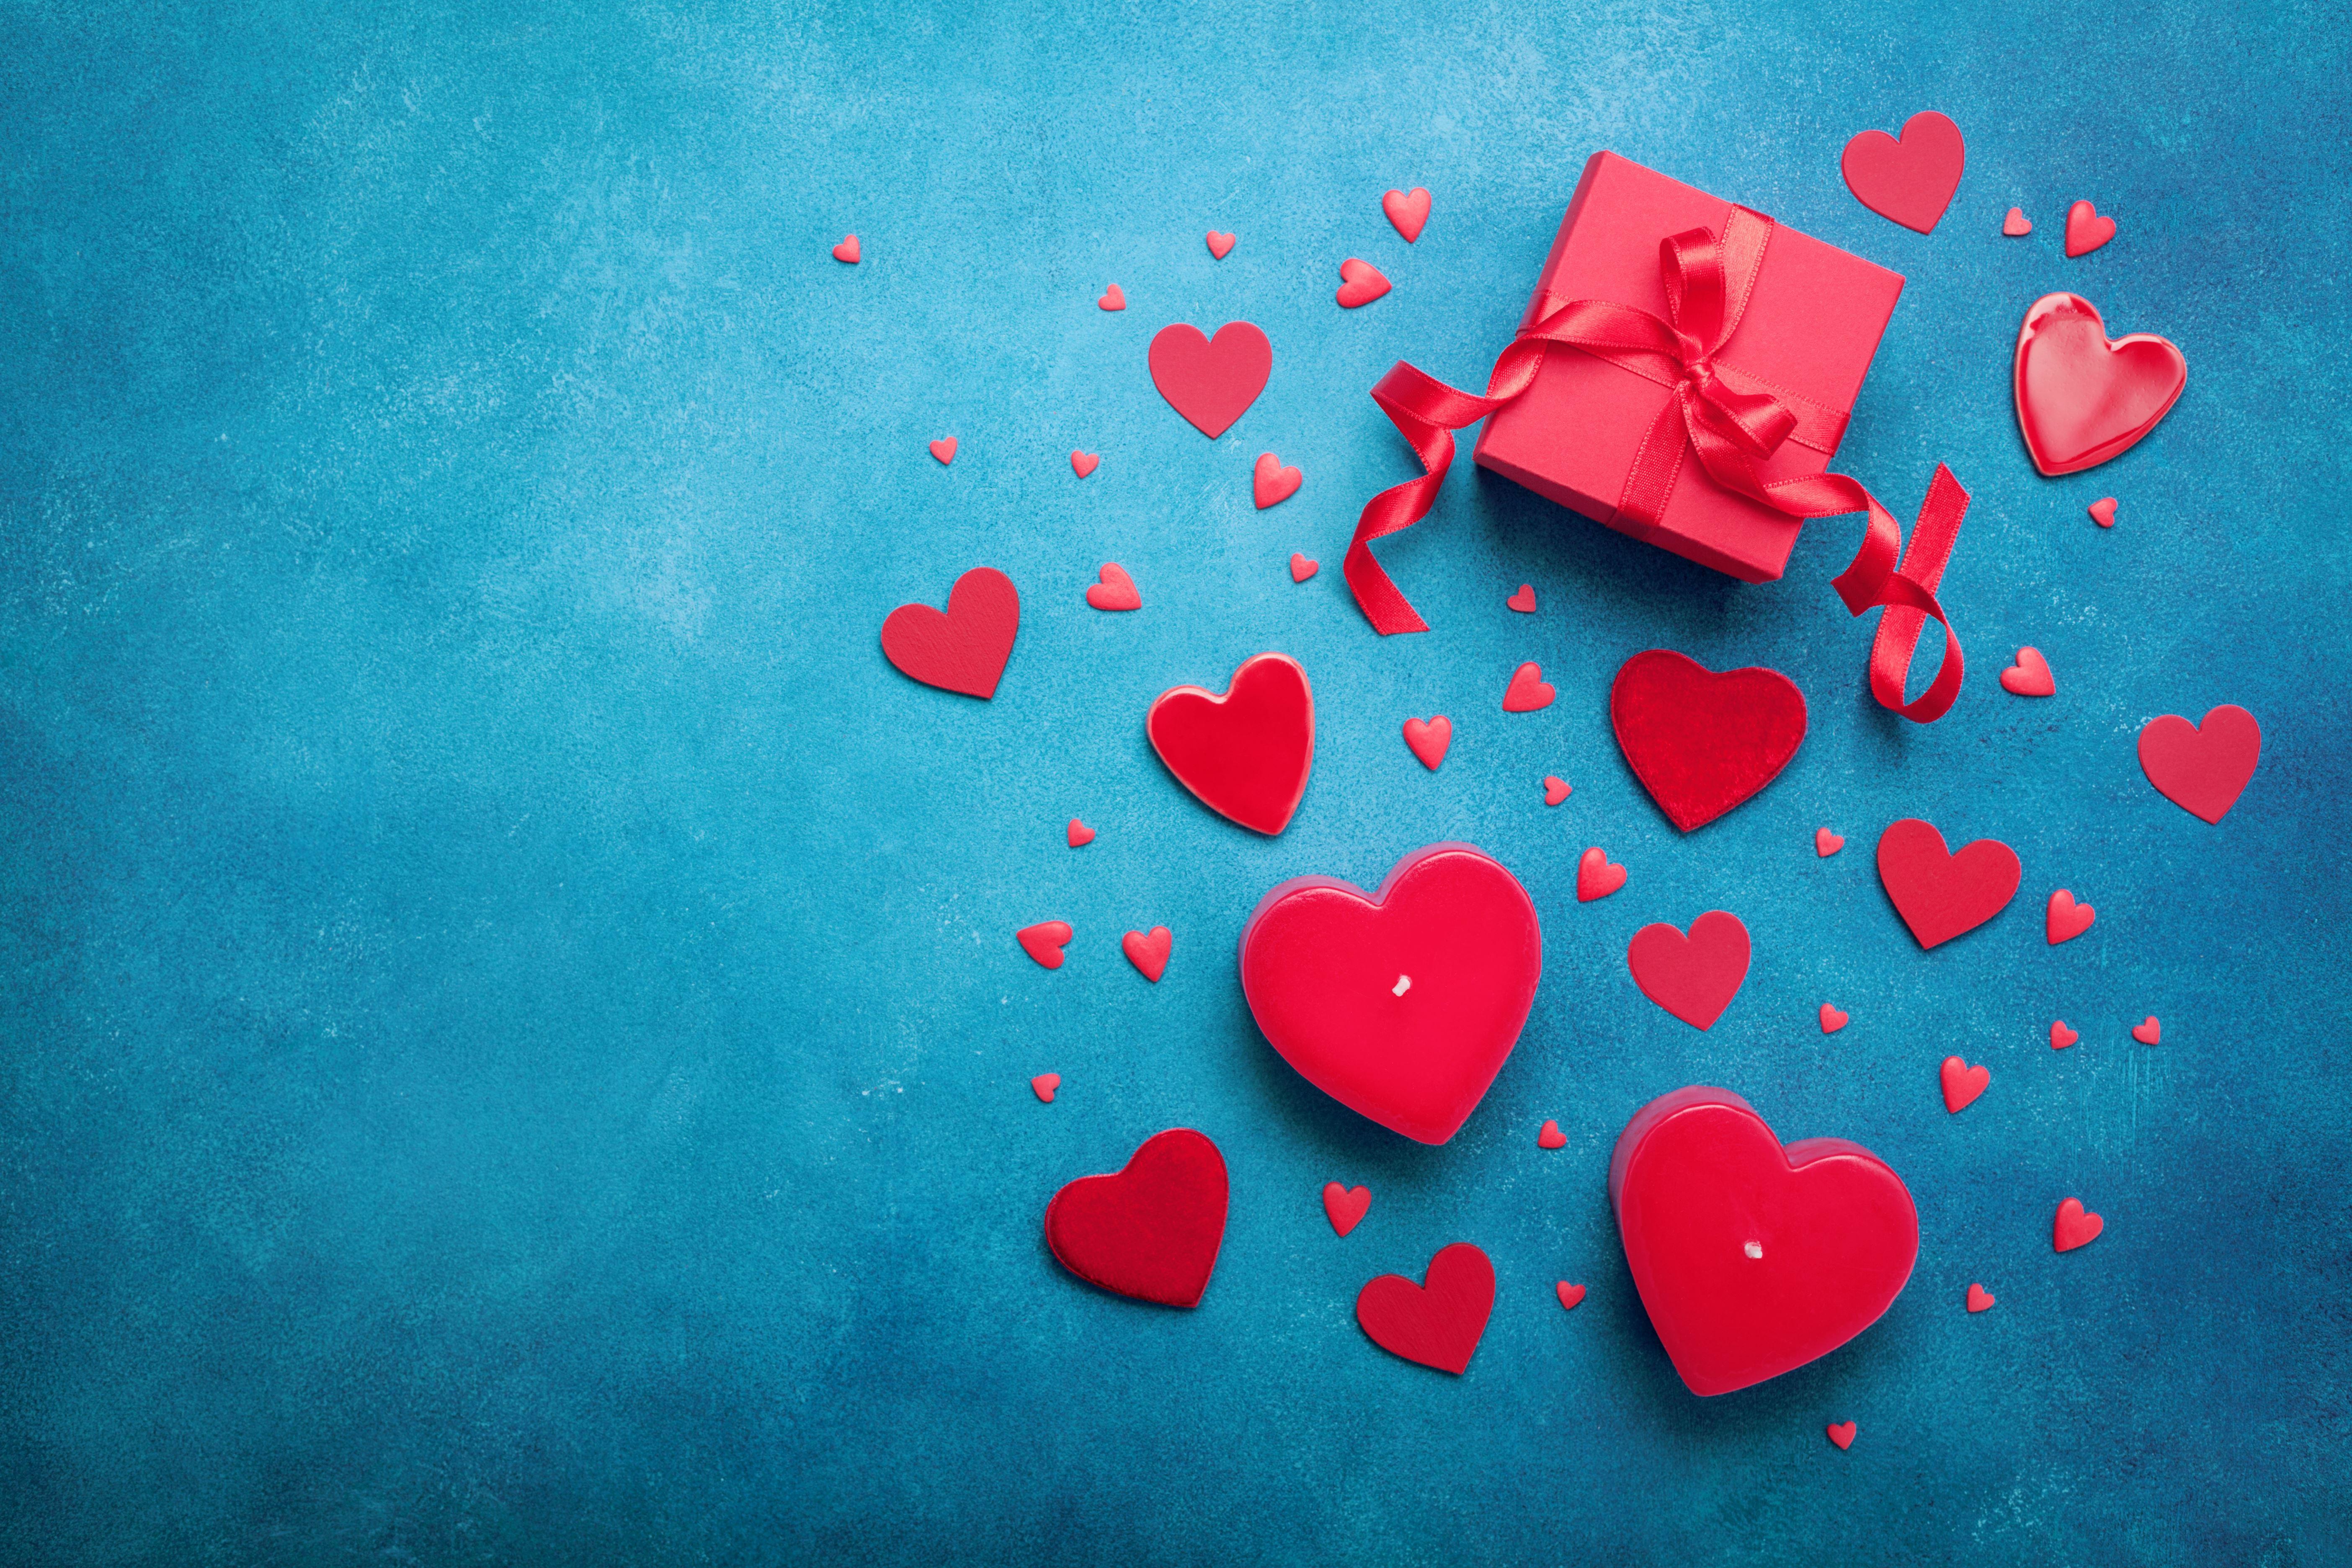 Prendas até 30€ para ofereceres no Dia dos Namorados